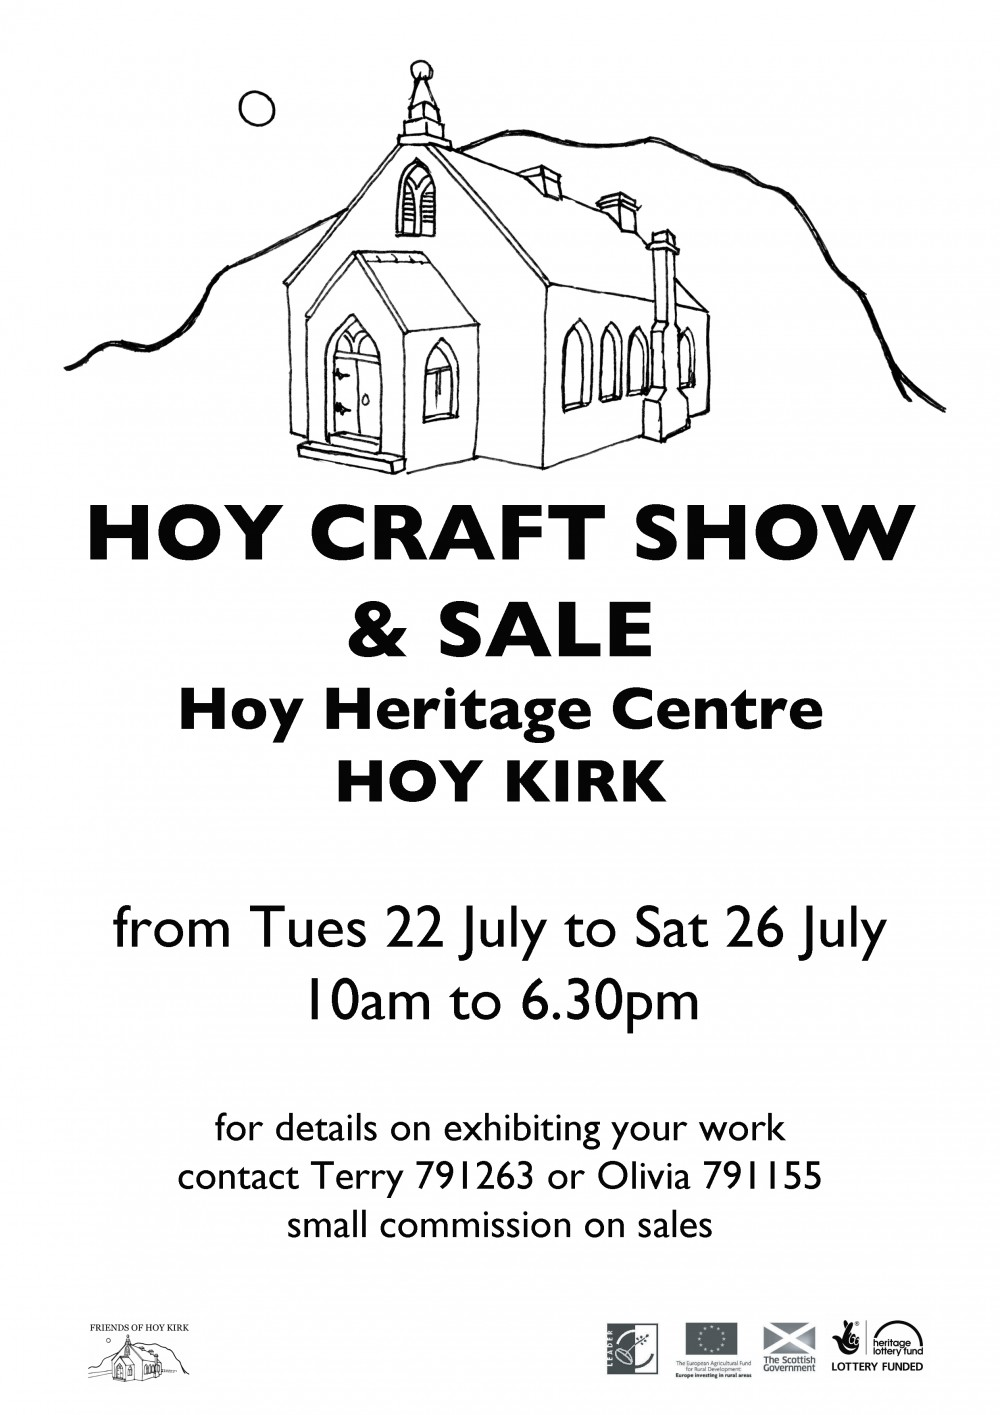 Hoy craft show 2014